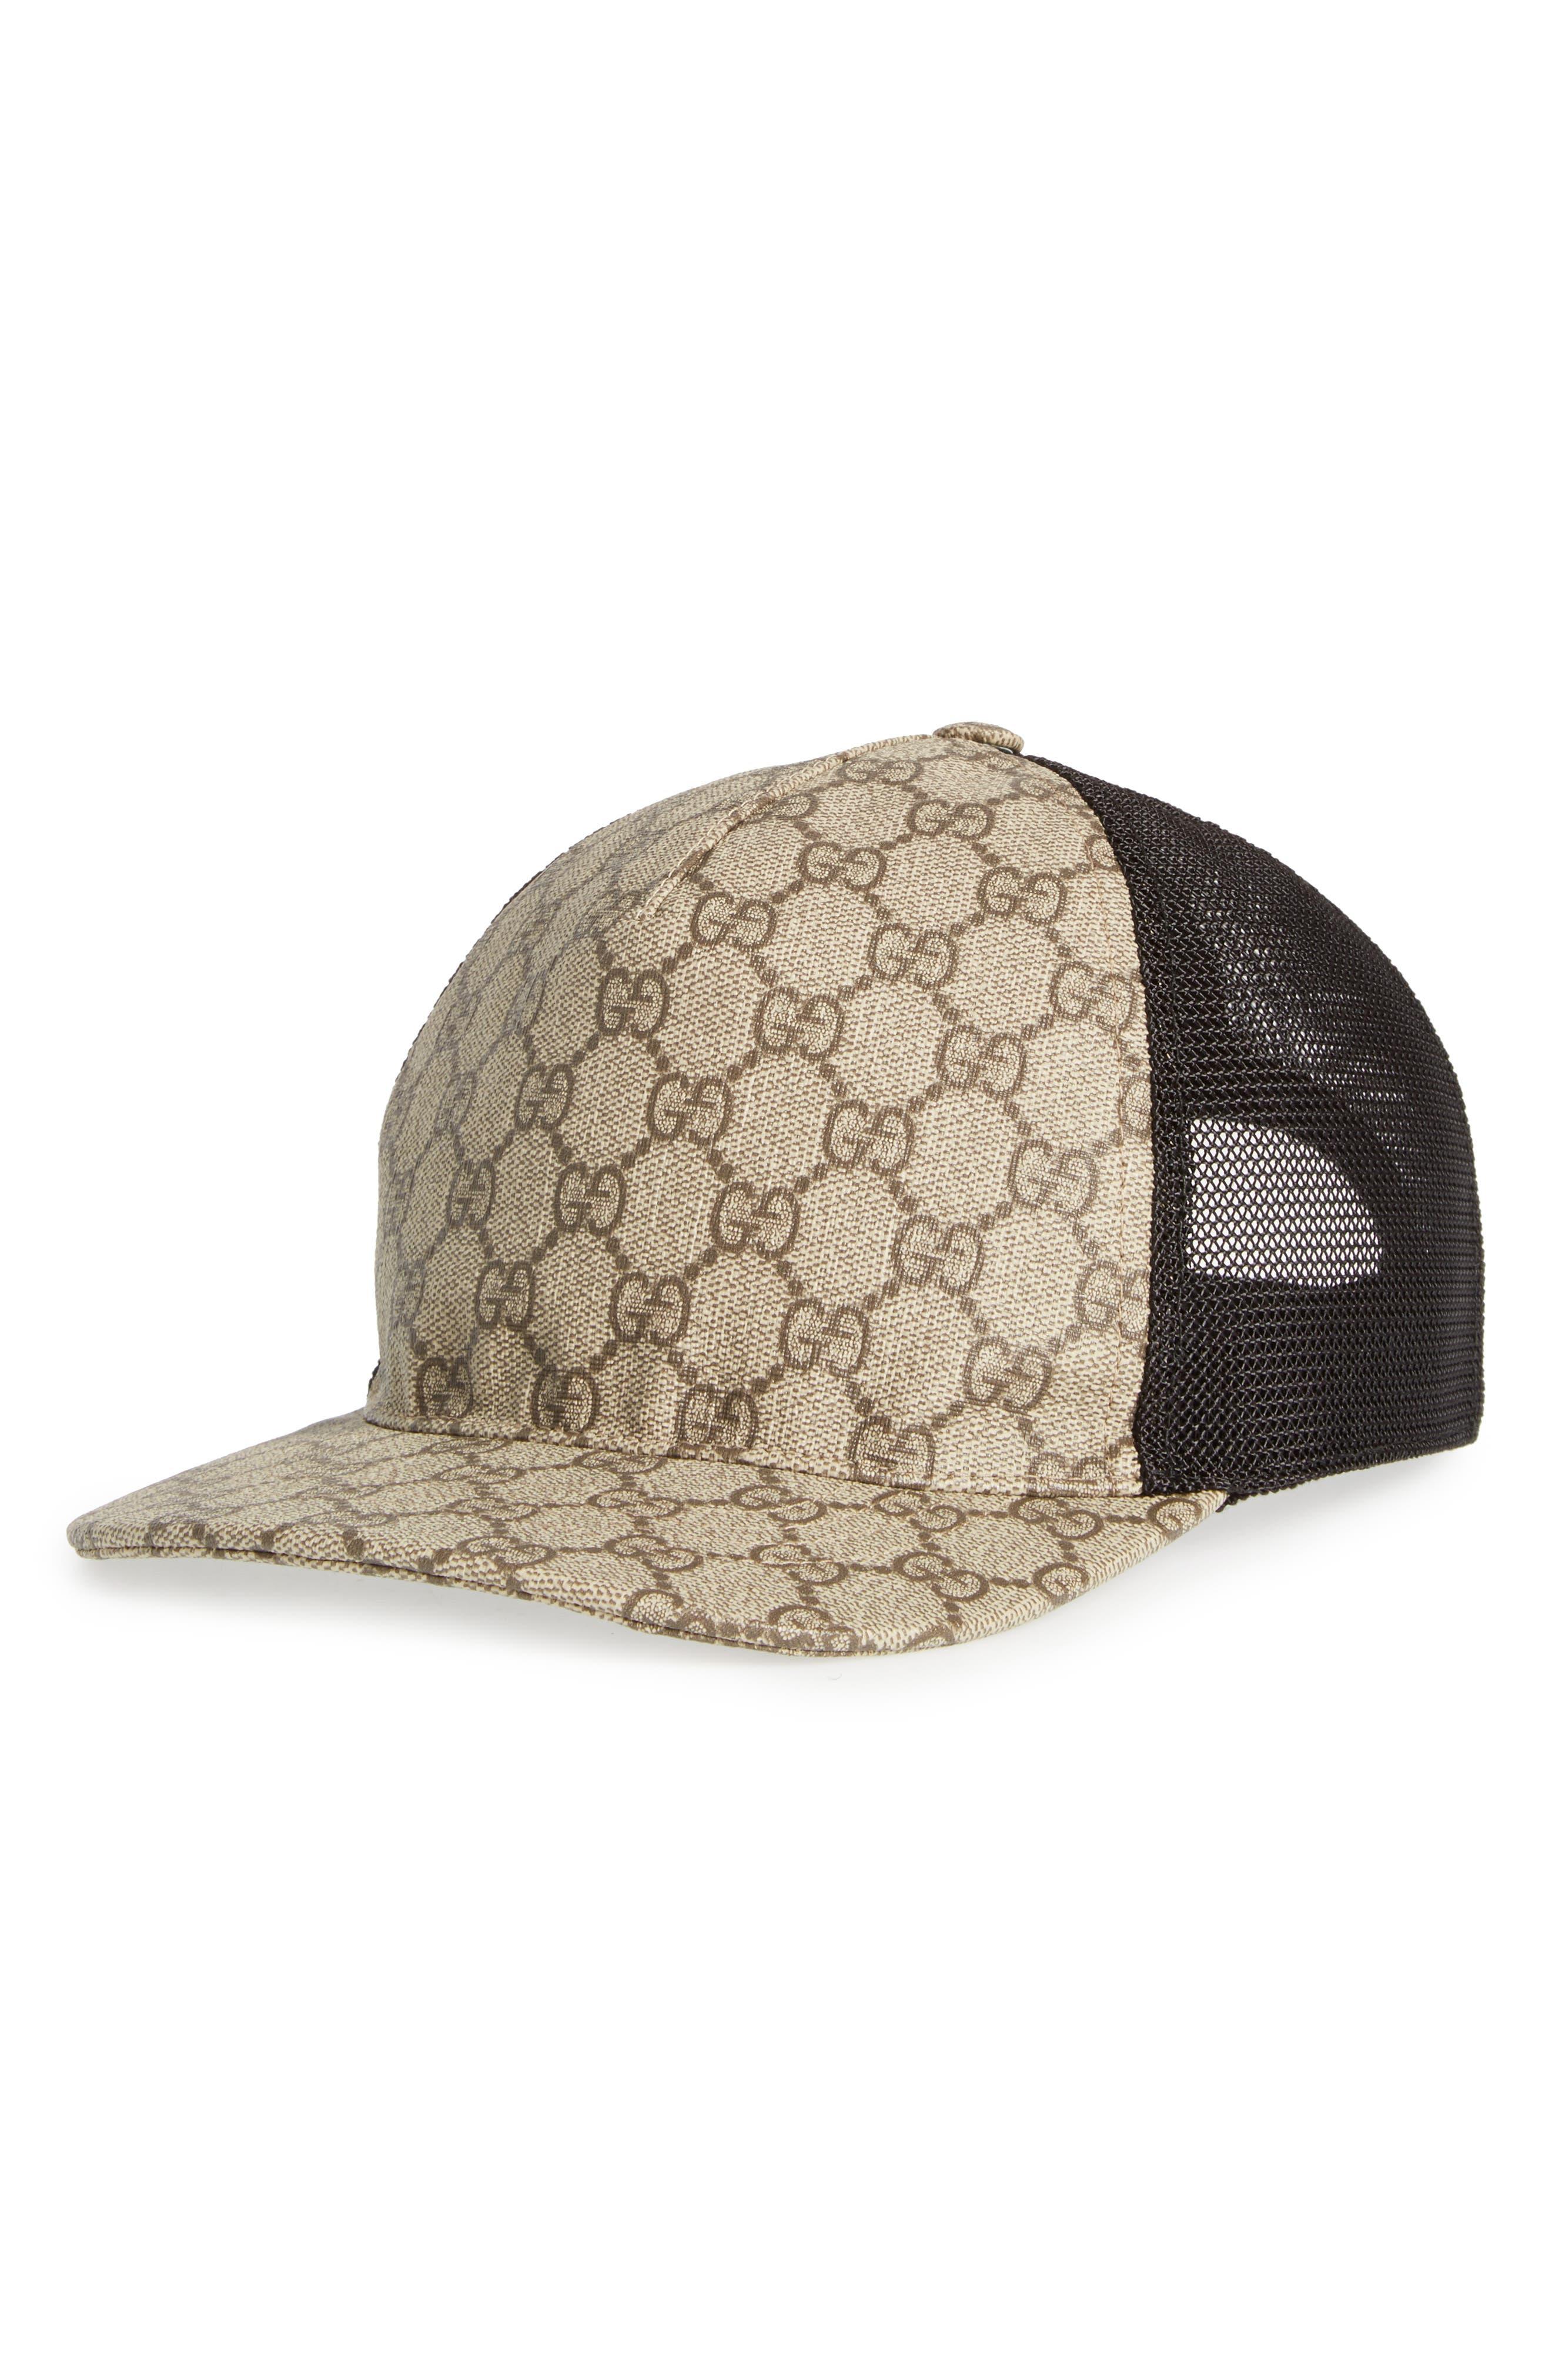 Gucci GG Supreme Trucker Cap